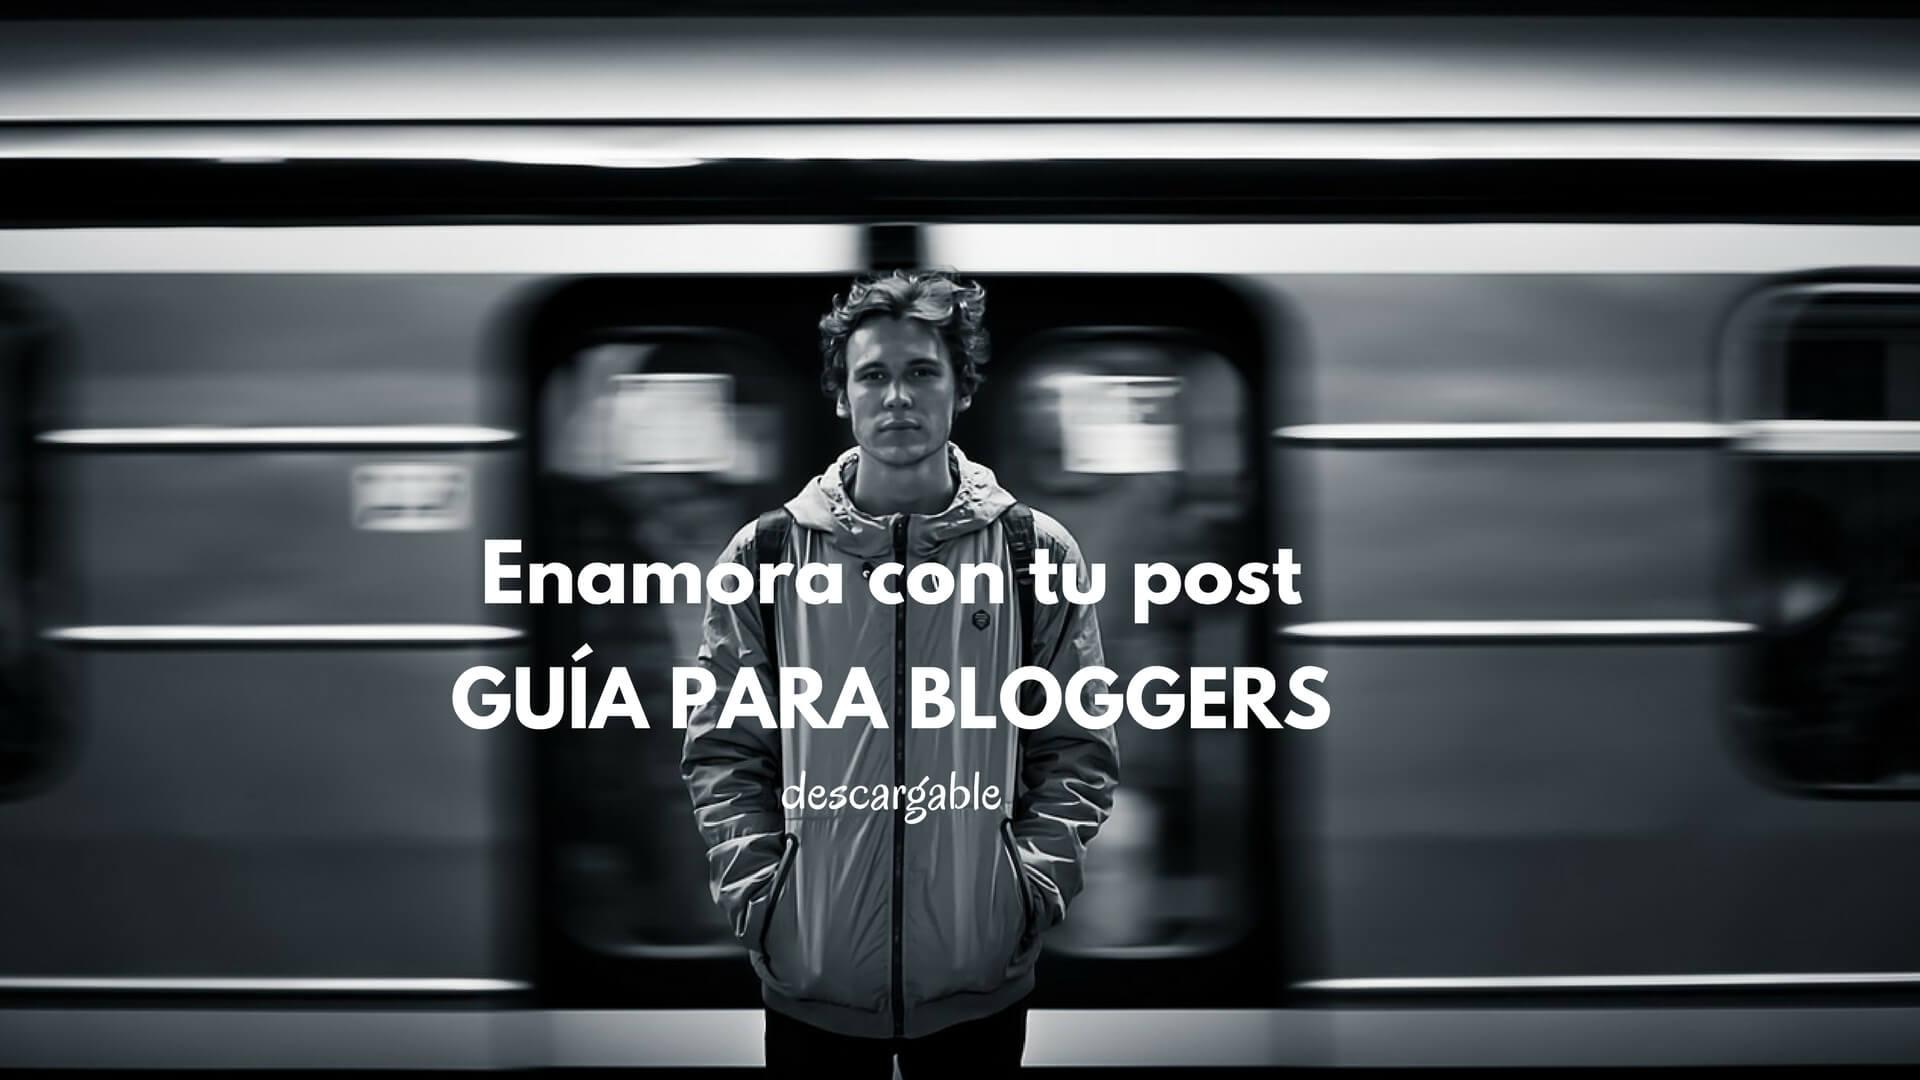 Cómo escribir un post que enamore a tu público. Guía para bloggers